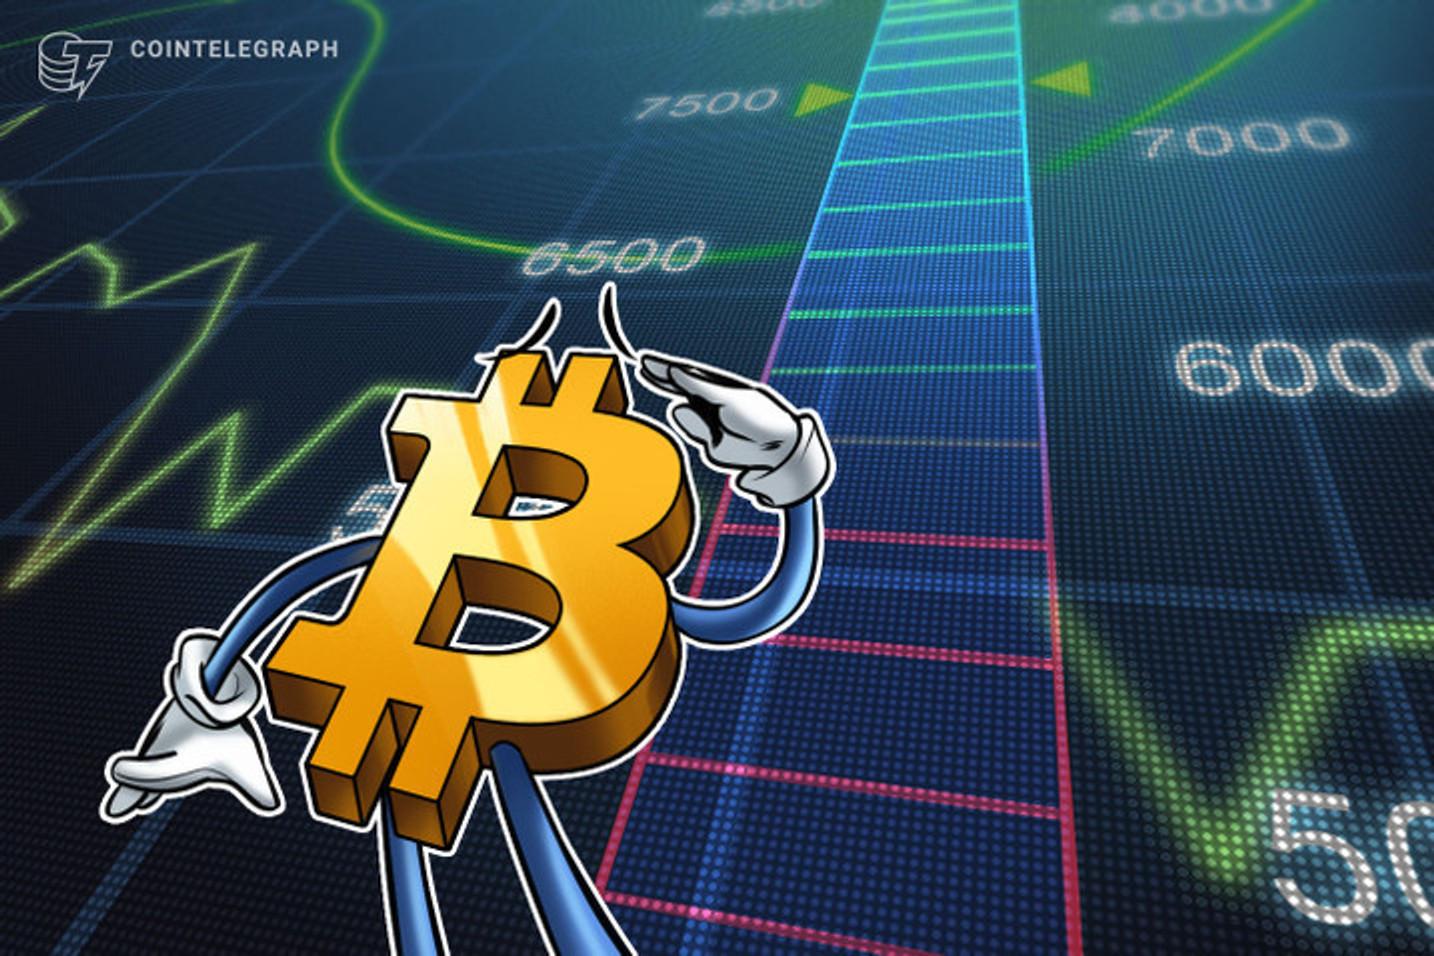 Bitcoin alcanzará los 520.000 dólares en 8 años, según la predicción de un analista